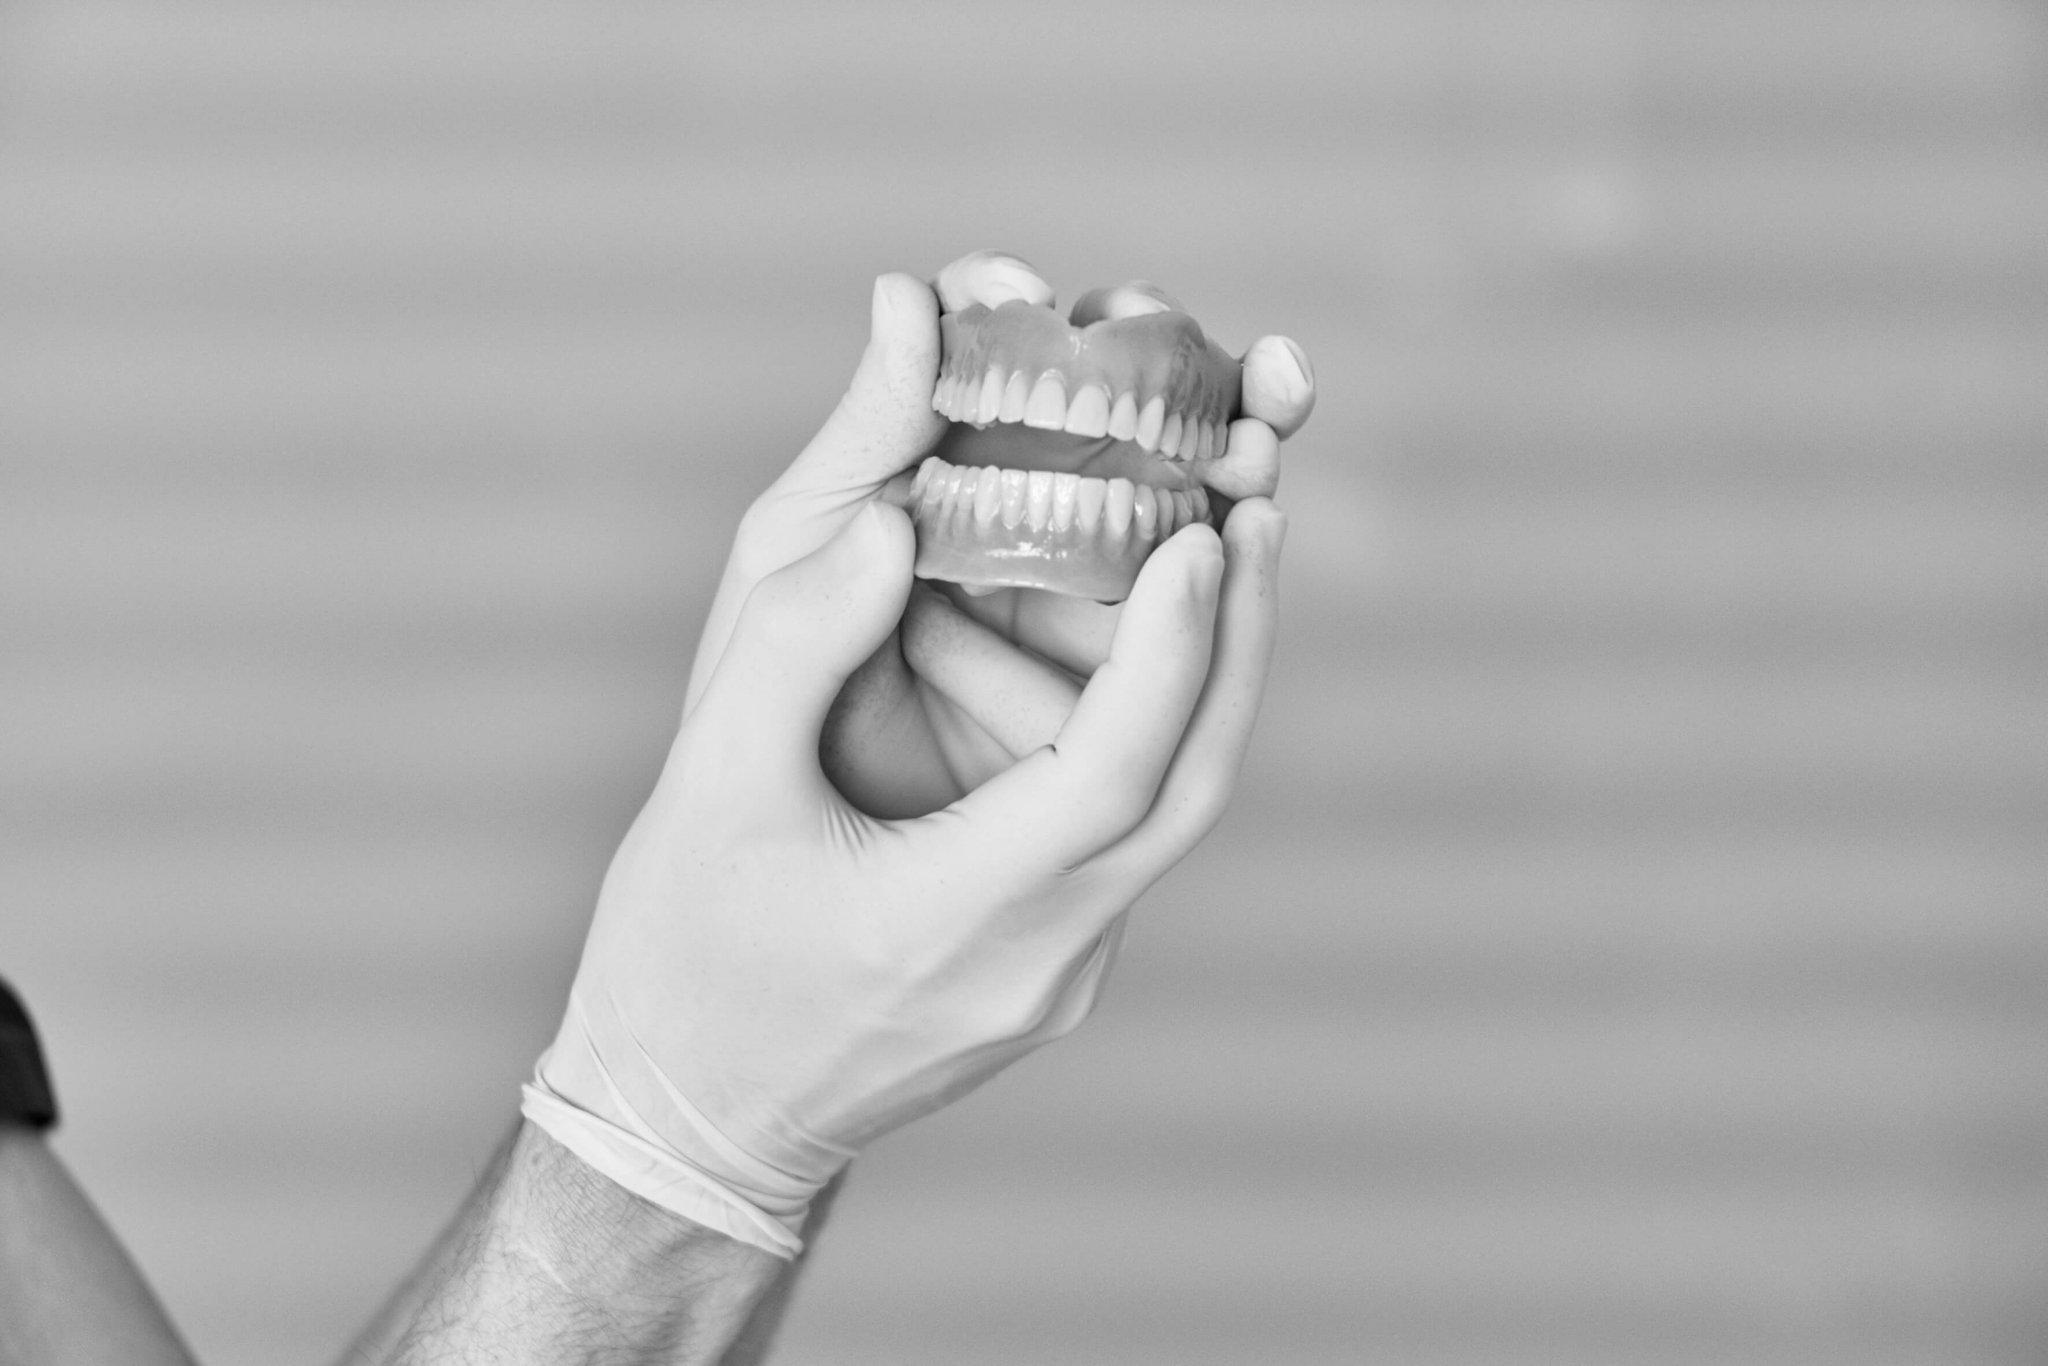 Die Zahnarztpraxis Dr. Jochen Deppe  in Gütersloh ist spezialisiert auf #Prothetik (Zahnersatz). Dabei nutzen wir modernste Diagnose- und Behandlungsverfahren (3D-Röntgen, Oral-Scanner, Implantologie).